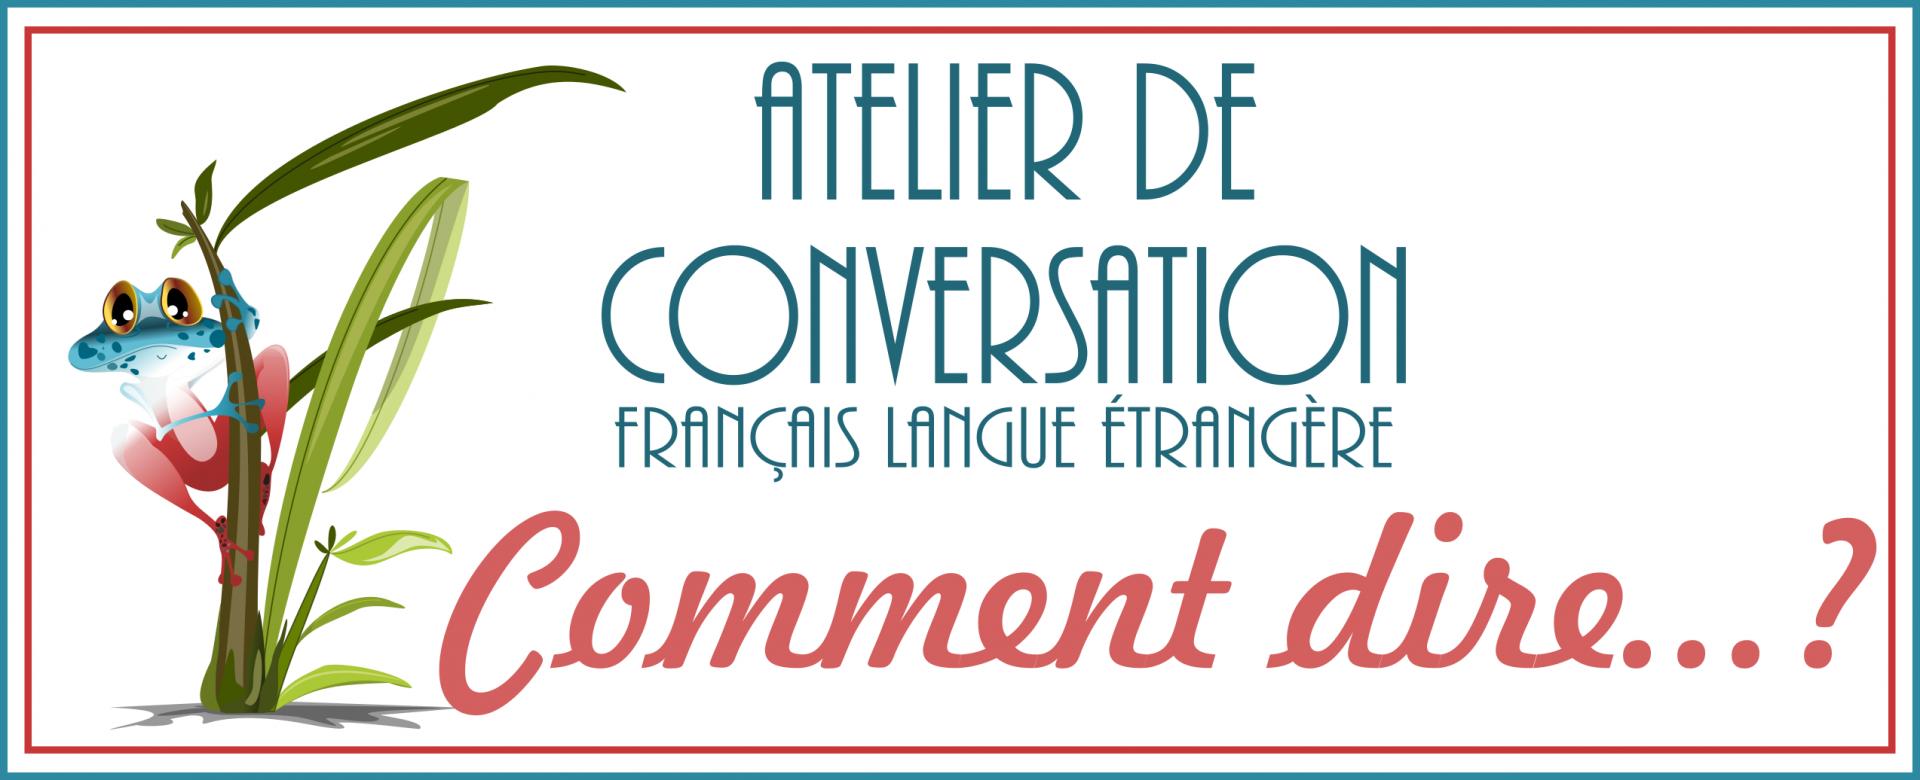 Atelier de conversation en français: comment dire?